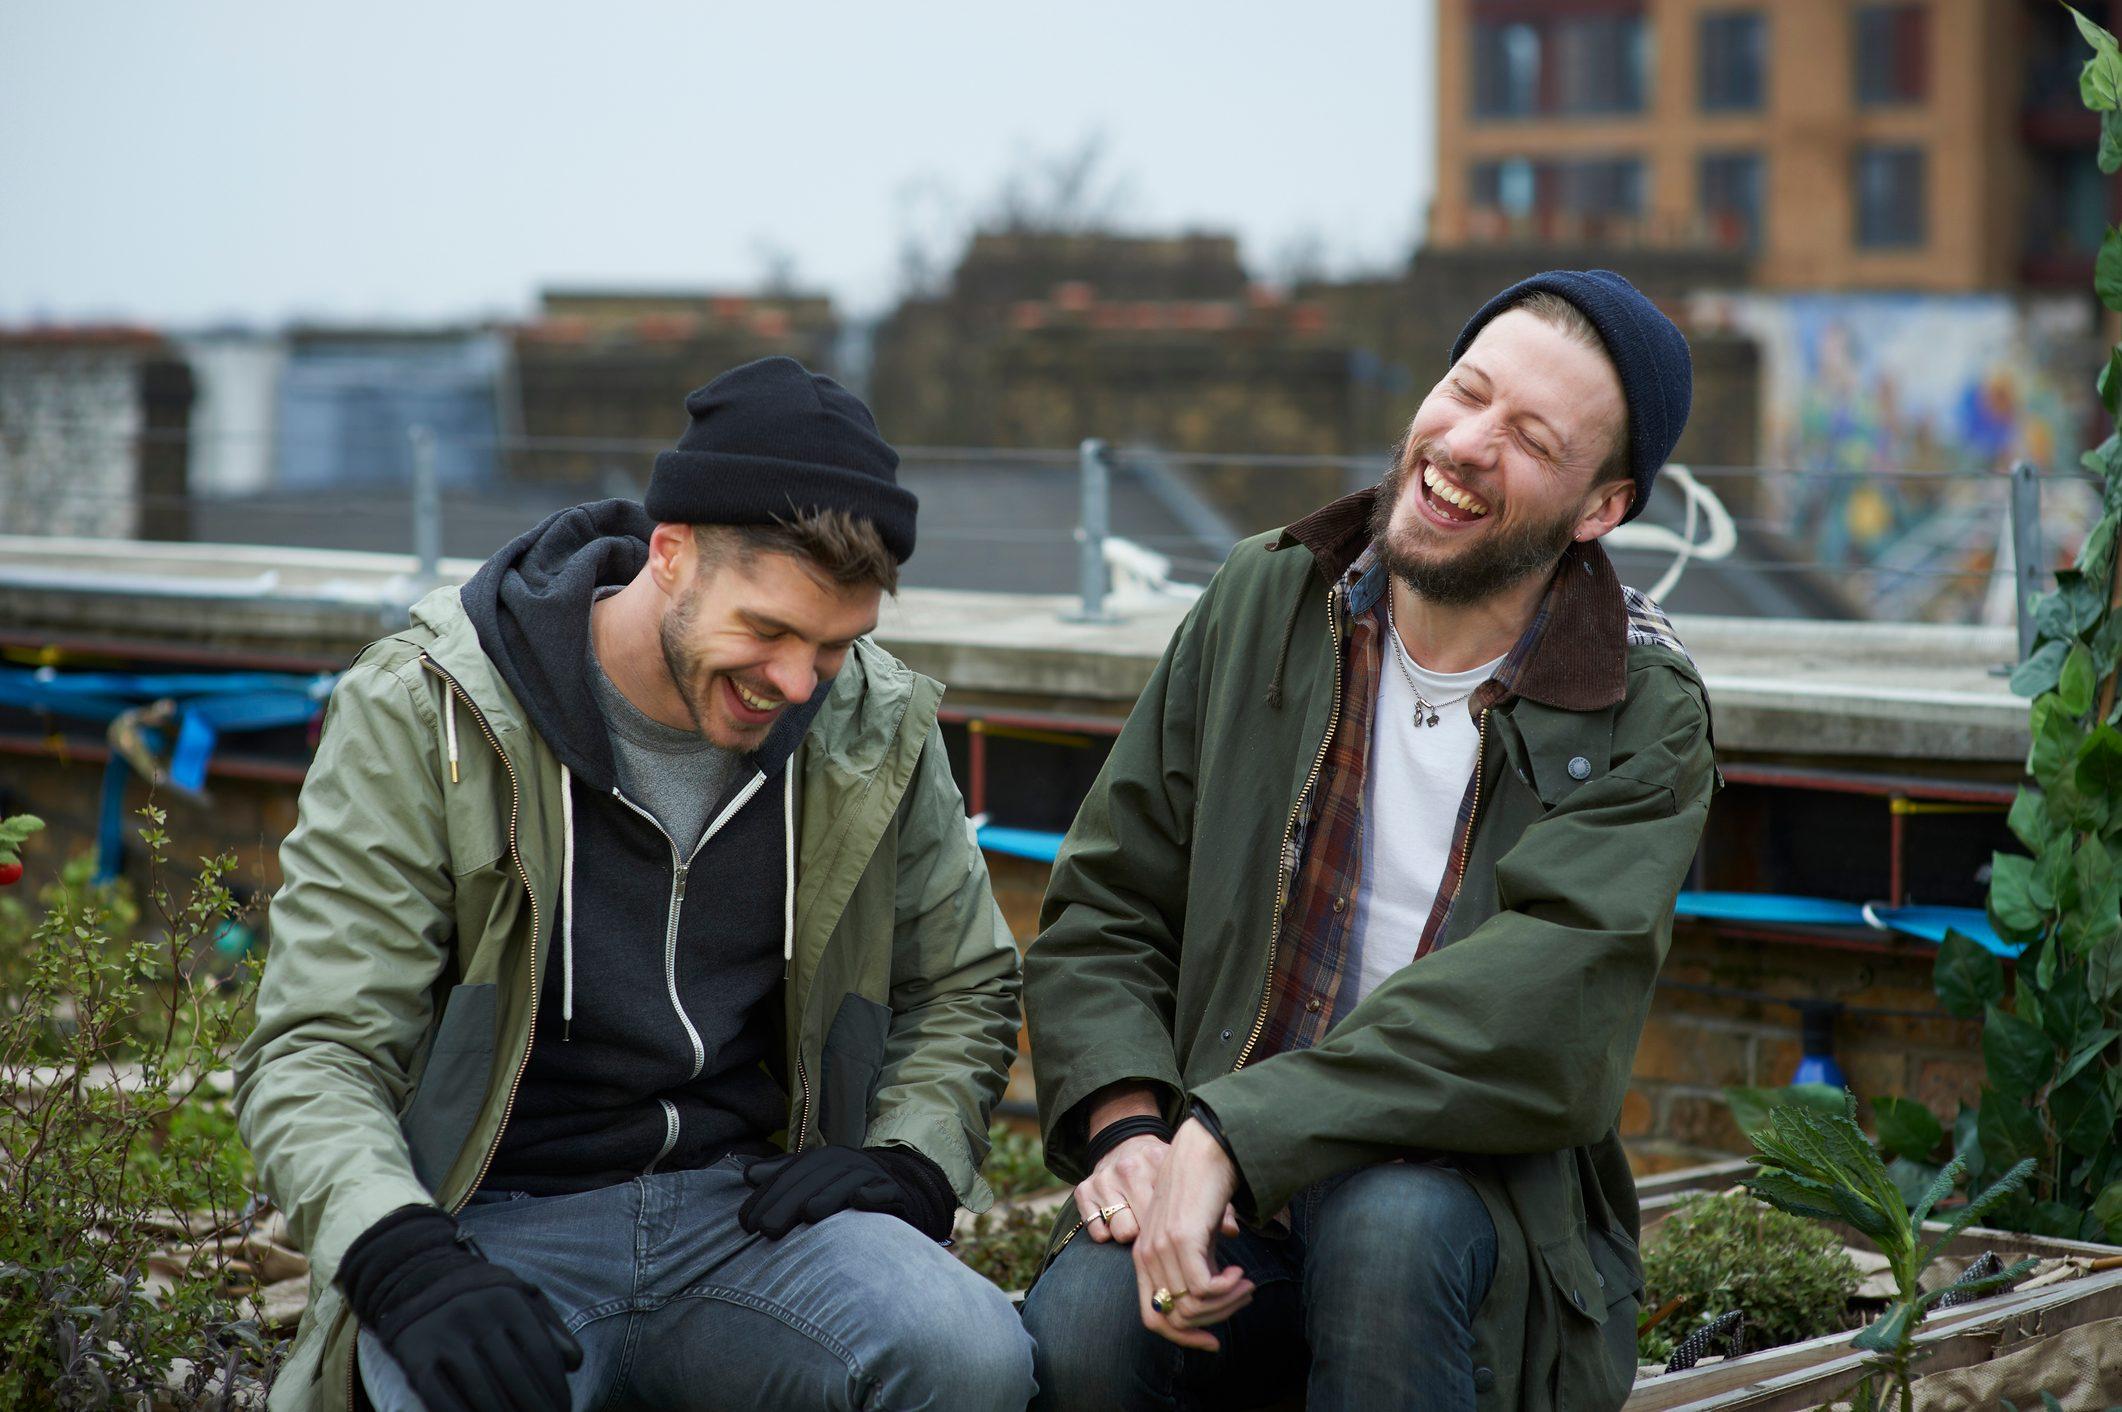 Men sitting in urban roof garden laughing.